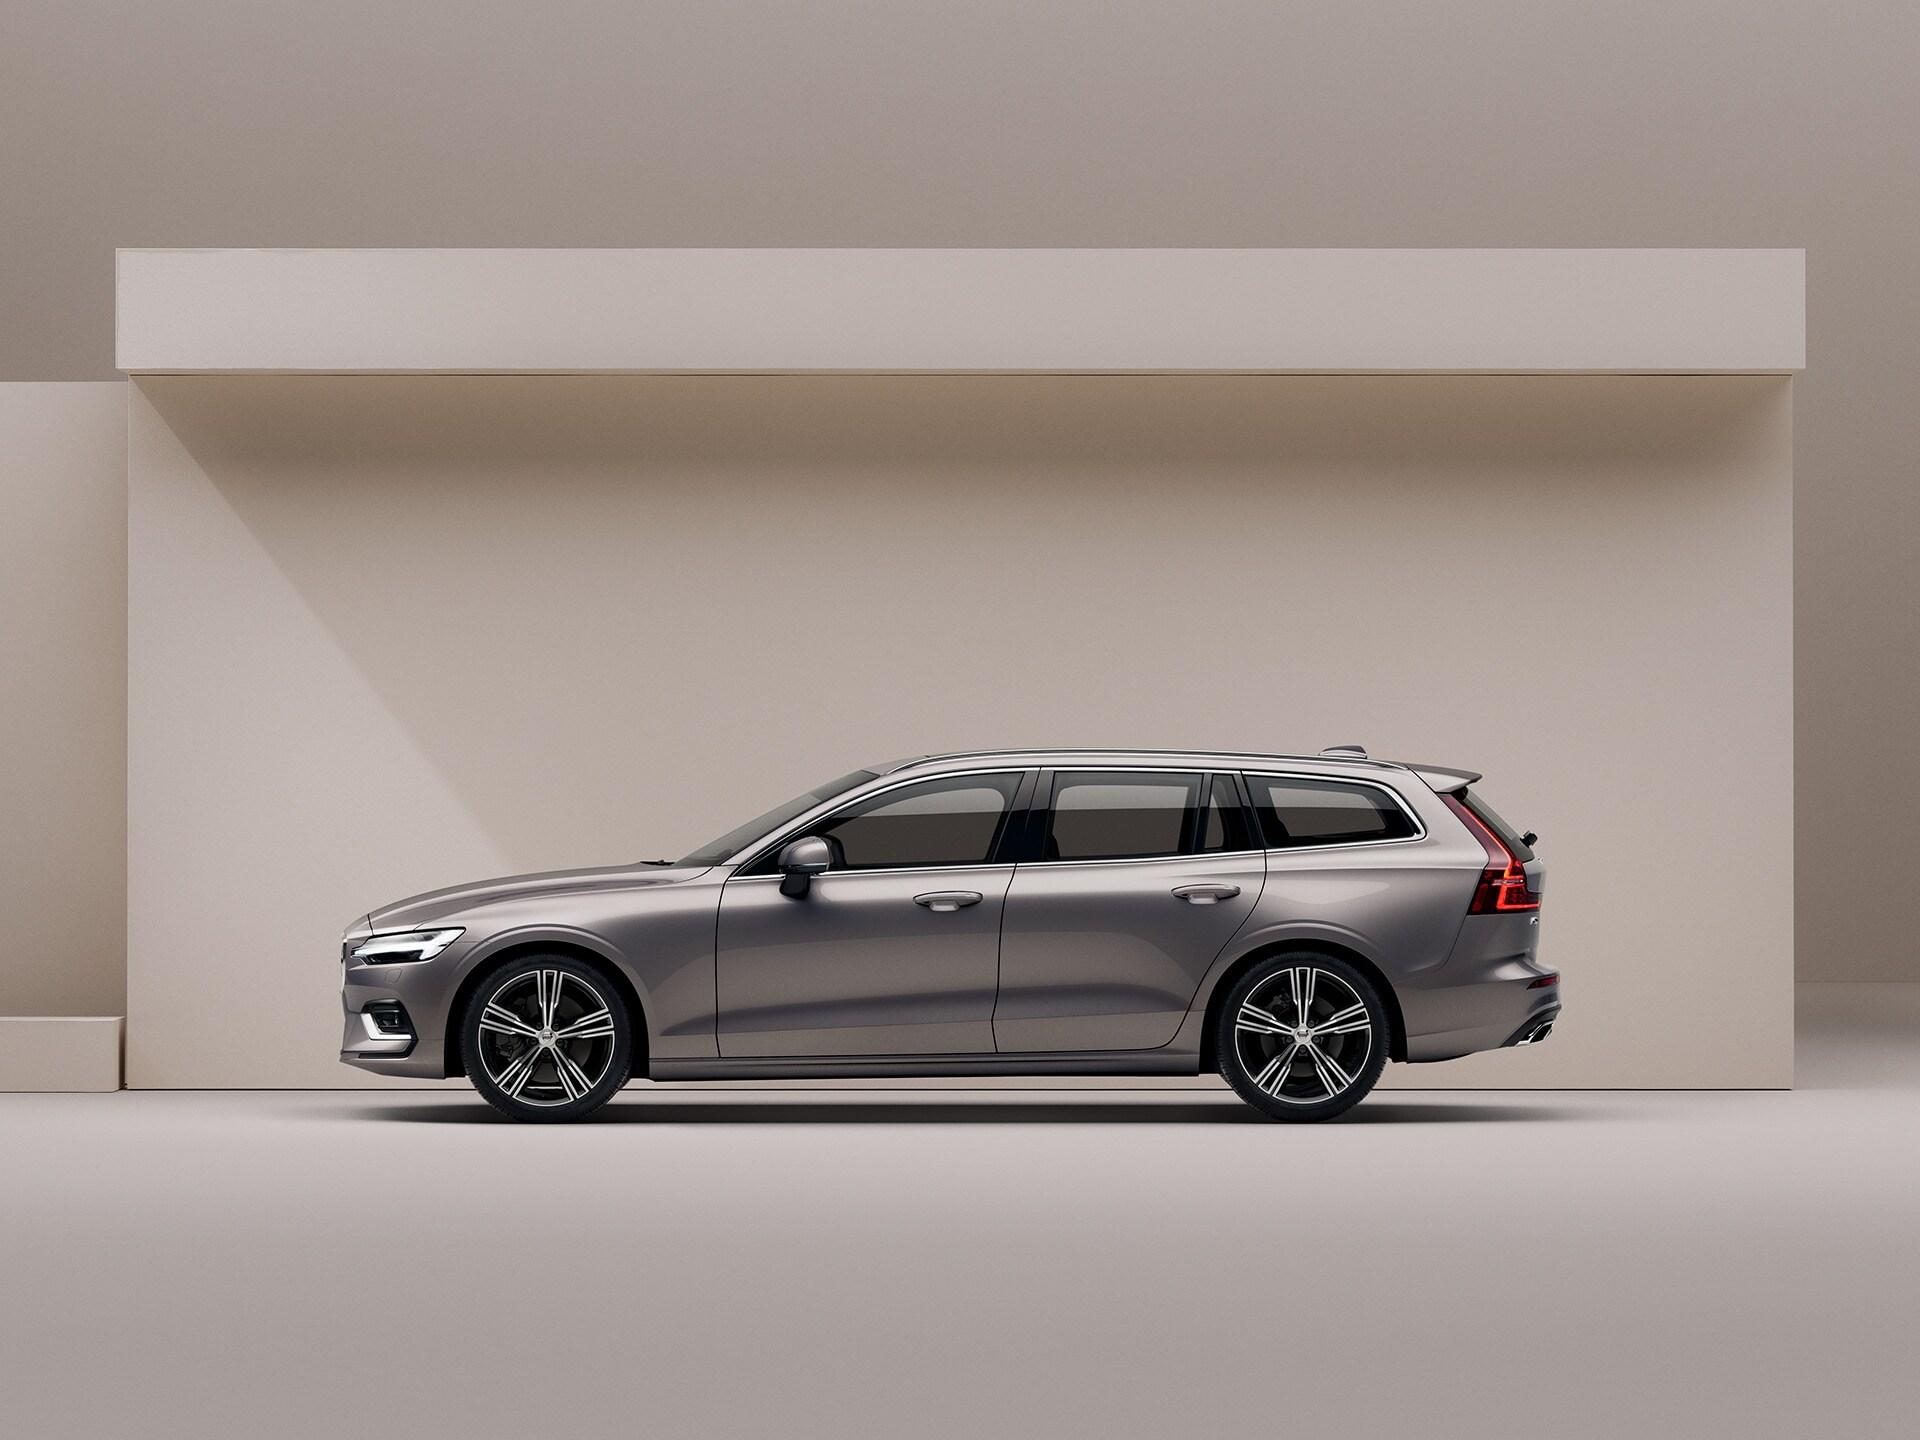 Ein beigefarbener Volvo V60, der in einer beigefarbenen Umgebung geparkt ist